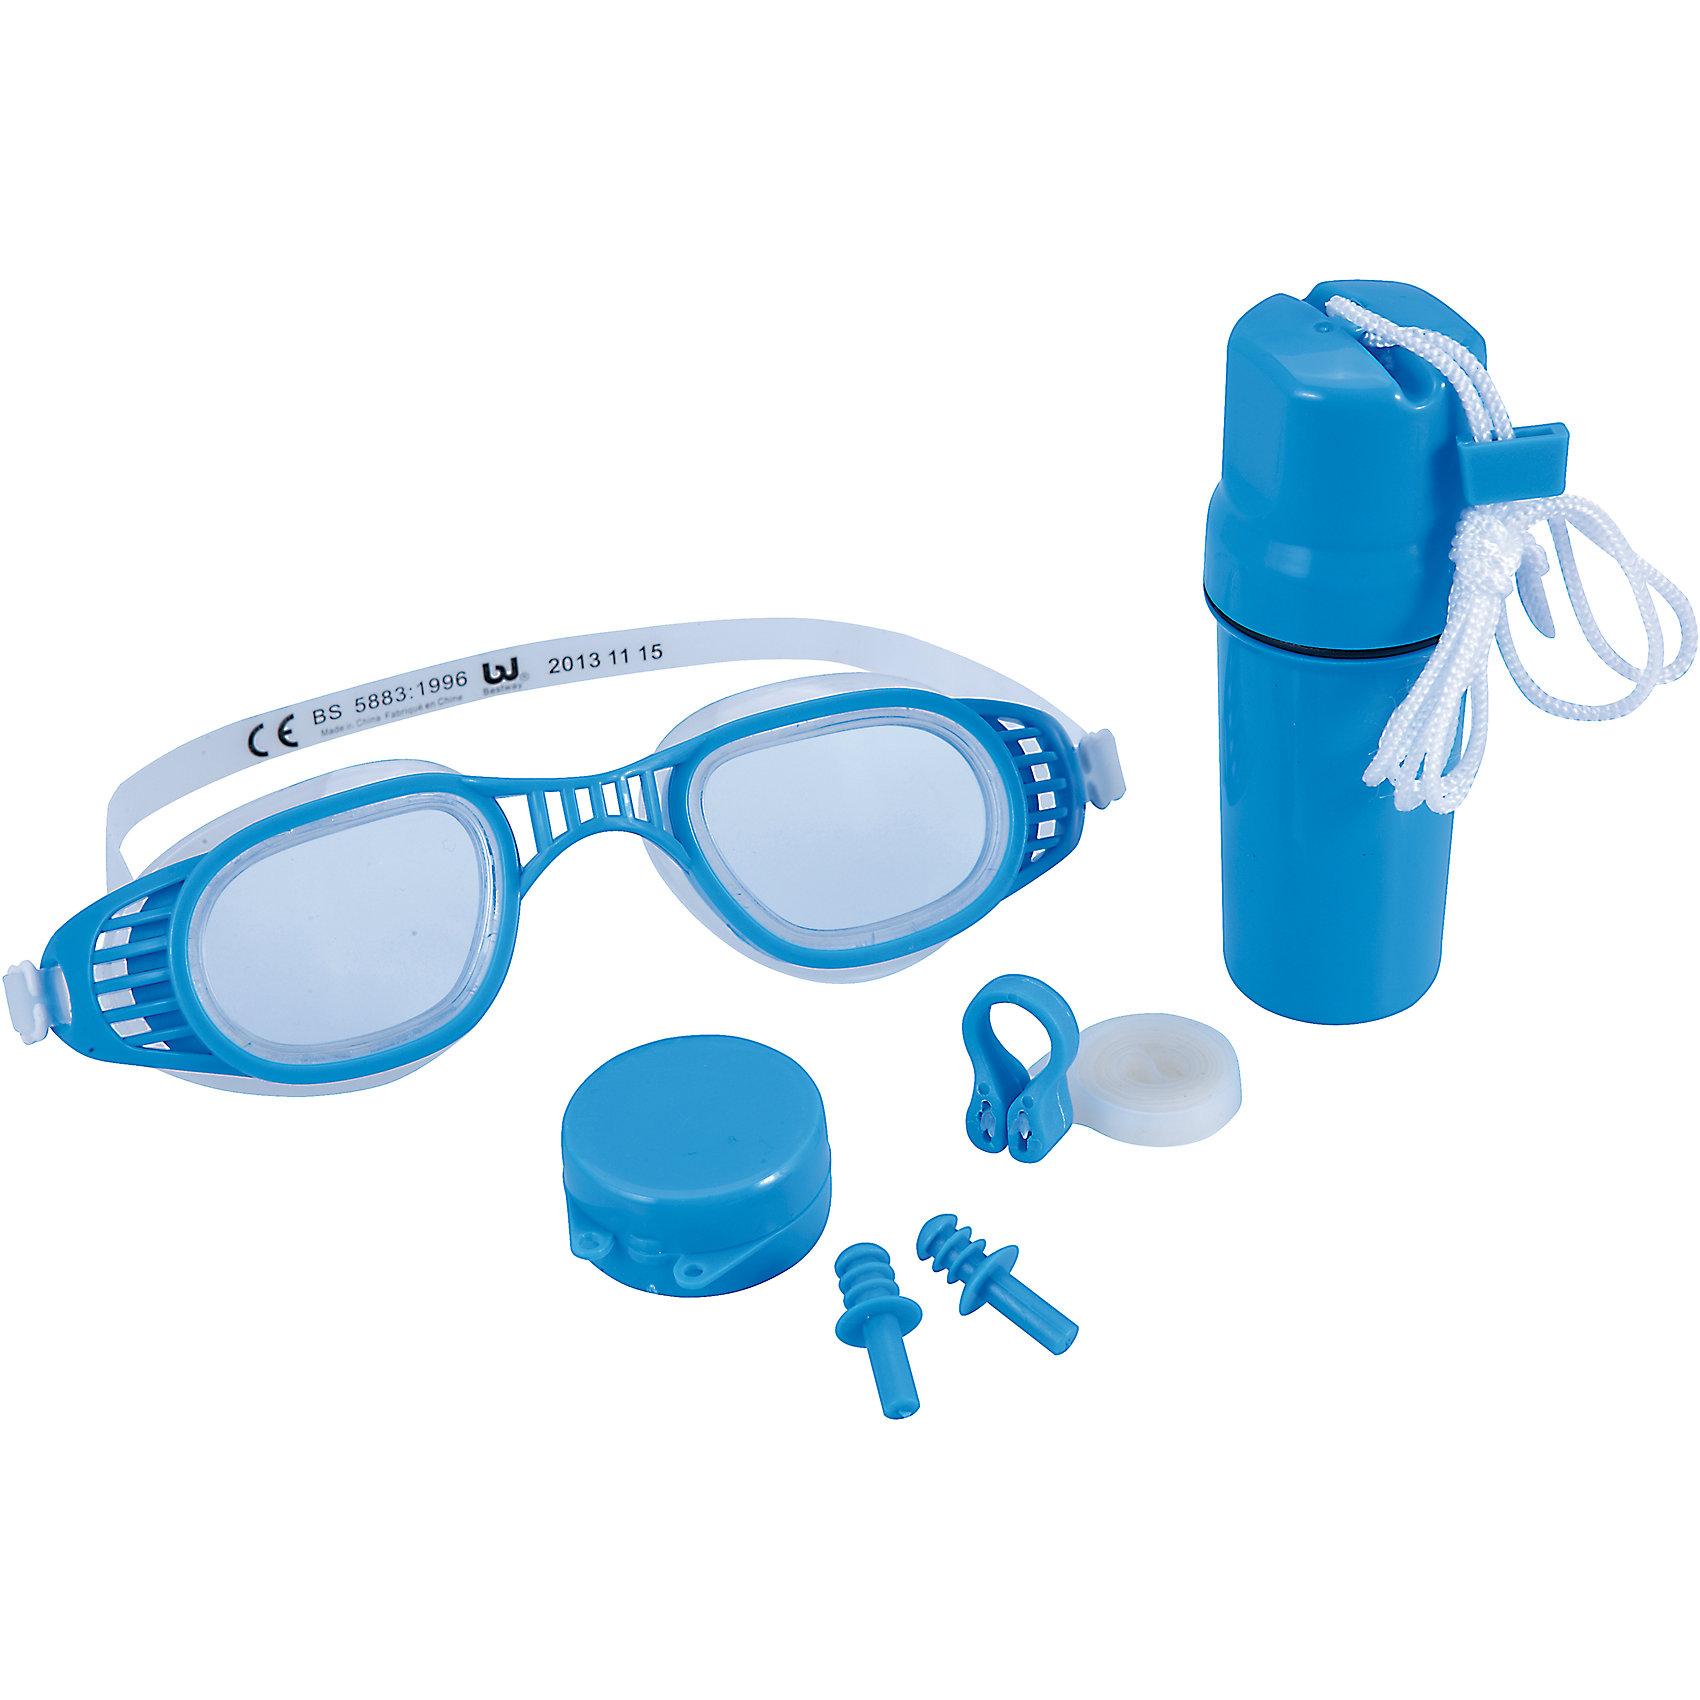 Набор для плавания, BestwayНабор для плавания, Bestway - отличный вариант для активного отдыха и увлекательных игр в воде  В комплект входят очки для плавания, зажим для носа и беруши. Очки оснащены линзами с улучшенным боковым обзором, плотно прилегают к лицу и не допускает попадания воды.<br>Мягкая оправа из безопасного гипоаллергенного поливинилхлорида обеспечит удобство и комфорт. Силиконовый ремешок и переносица регулируются до нужного размера. Очки выполнены из долговечного, ударопрочного материала, который не раздражает кожу и полностью безопасен для детского здоровья. Беруши-затычки надёжно защищают органы слуха от воды, а мягкий зажим на верёвочке препятствует попаданию воды в носовую полость. Комплект упакован в удобный пластиковый футляр.<br><br>Дополнительная информация:<br><br>- В комплекте: очки, зажим для носа, беруши. <br>- Материал: резина\силикон\клеенка, поликарбонат.<br>- Размер упаковки: 24 х 6 х 31 см. <br>- Вес: 0,2 кг.<br><br>Набор для плавания, Bestway, можно купить в нашем интернет-магазине.<br><br>Ширина мм: 1900<br>Глубина мм: 2200<br>Высота мм: 420<br>Вес г: 99<br>Возраст от месяцев: 36<br>Возраст до месяцев: 120<br>Пол: Унисекс<br>Возраст: Детский<br>SKU: 4632809